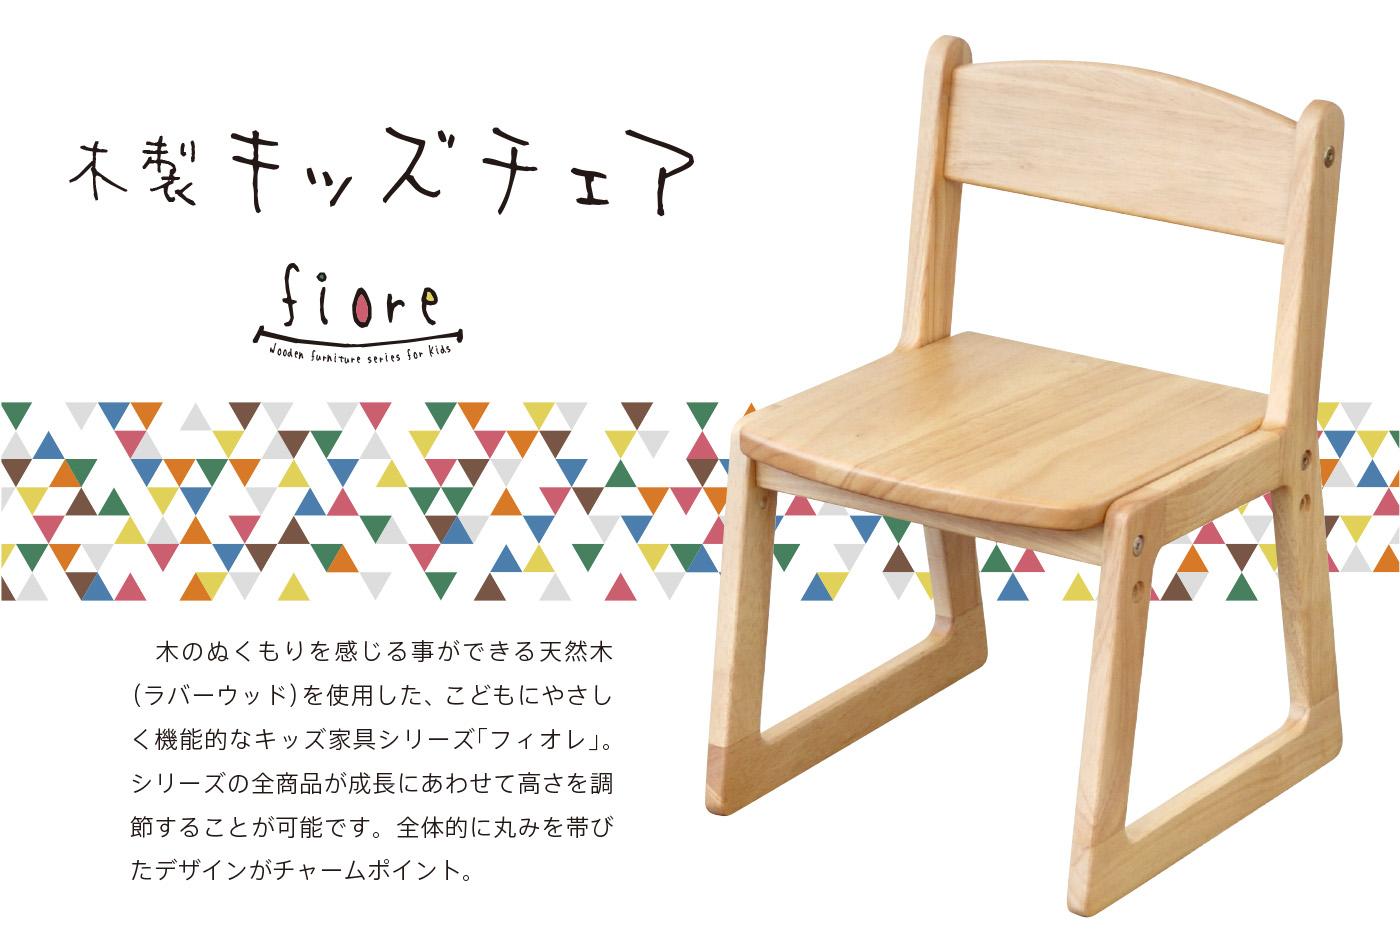 フィオレ 「木製キッズチェア」